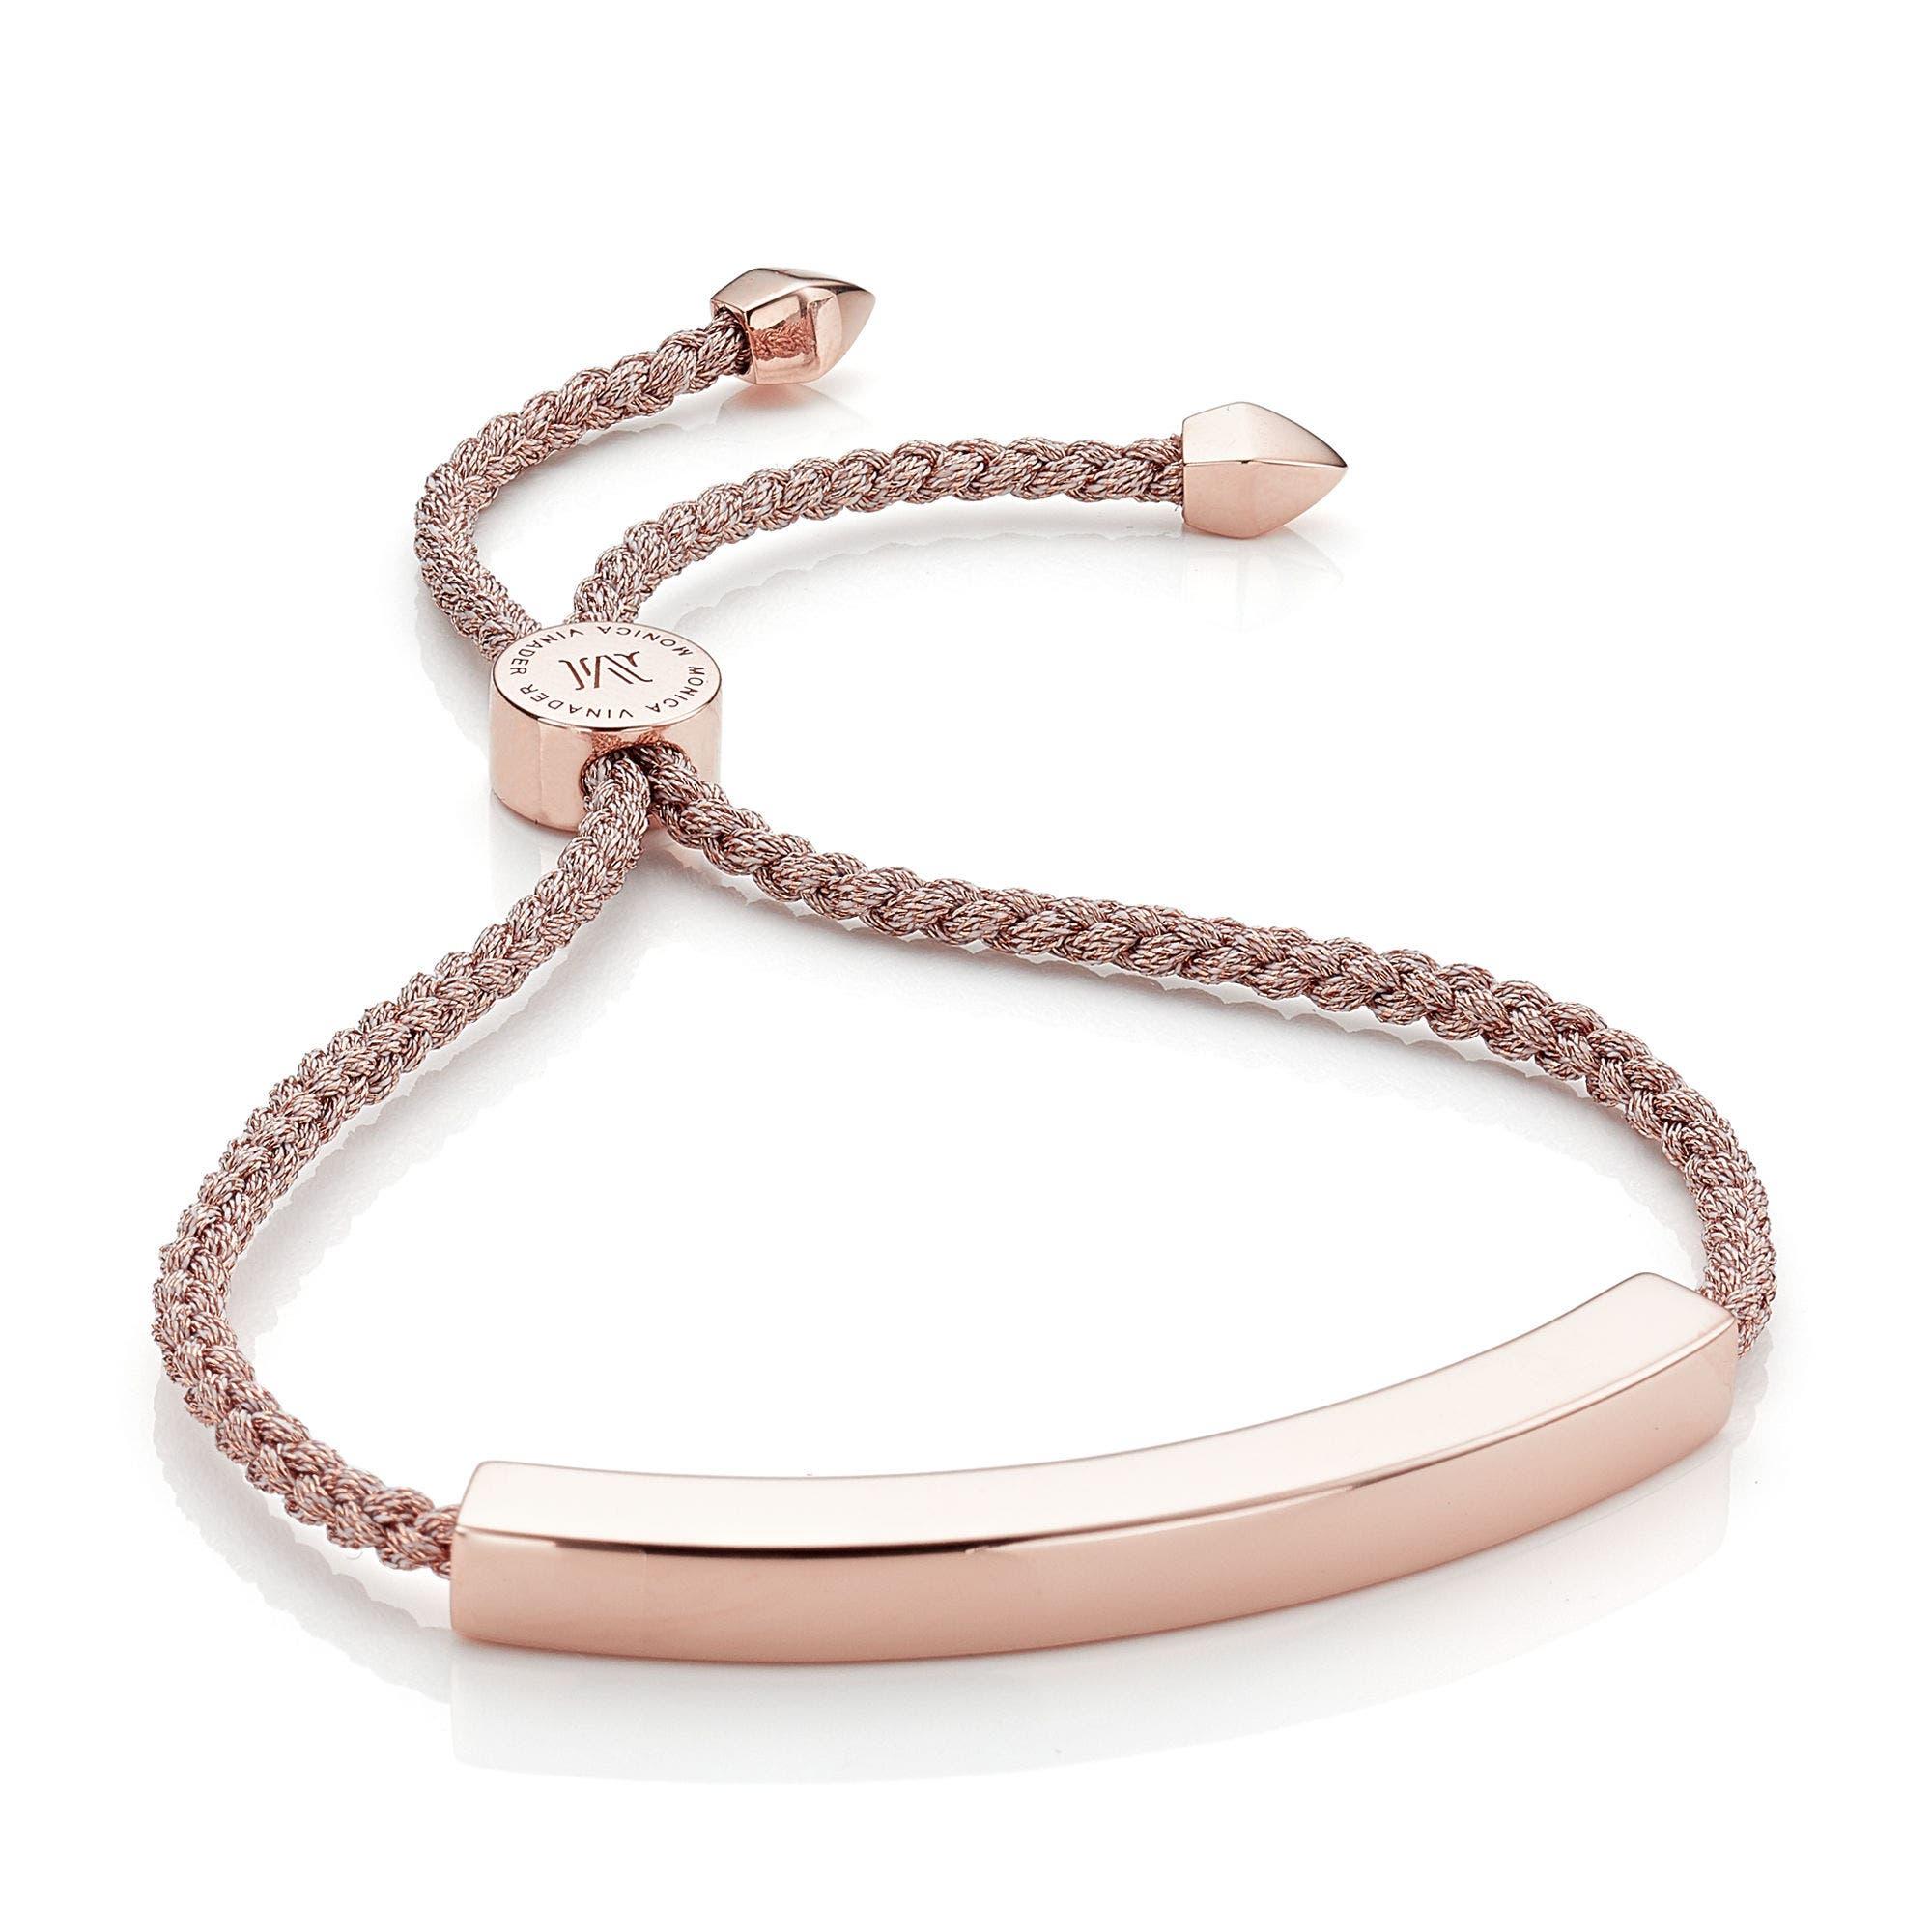 Main Image - Monica Vinader Large Linear Friendship Bracelet